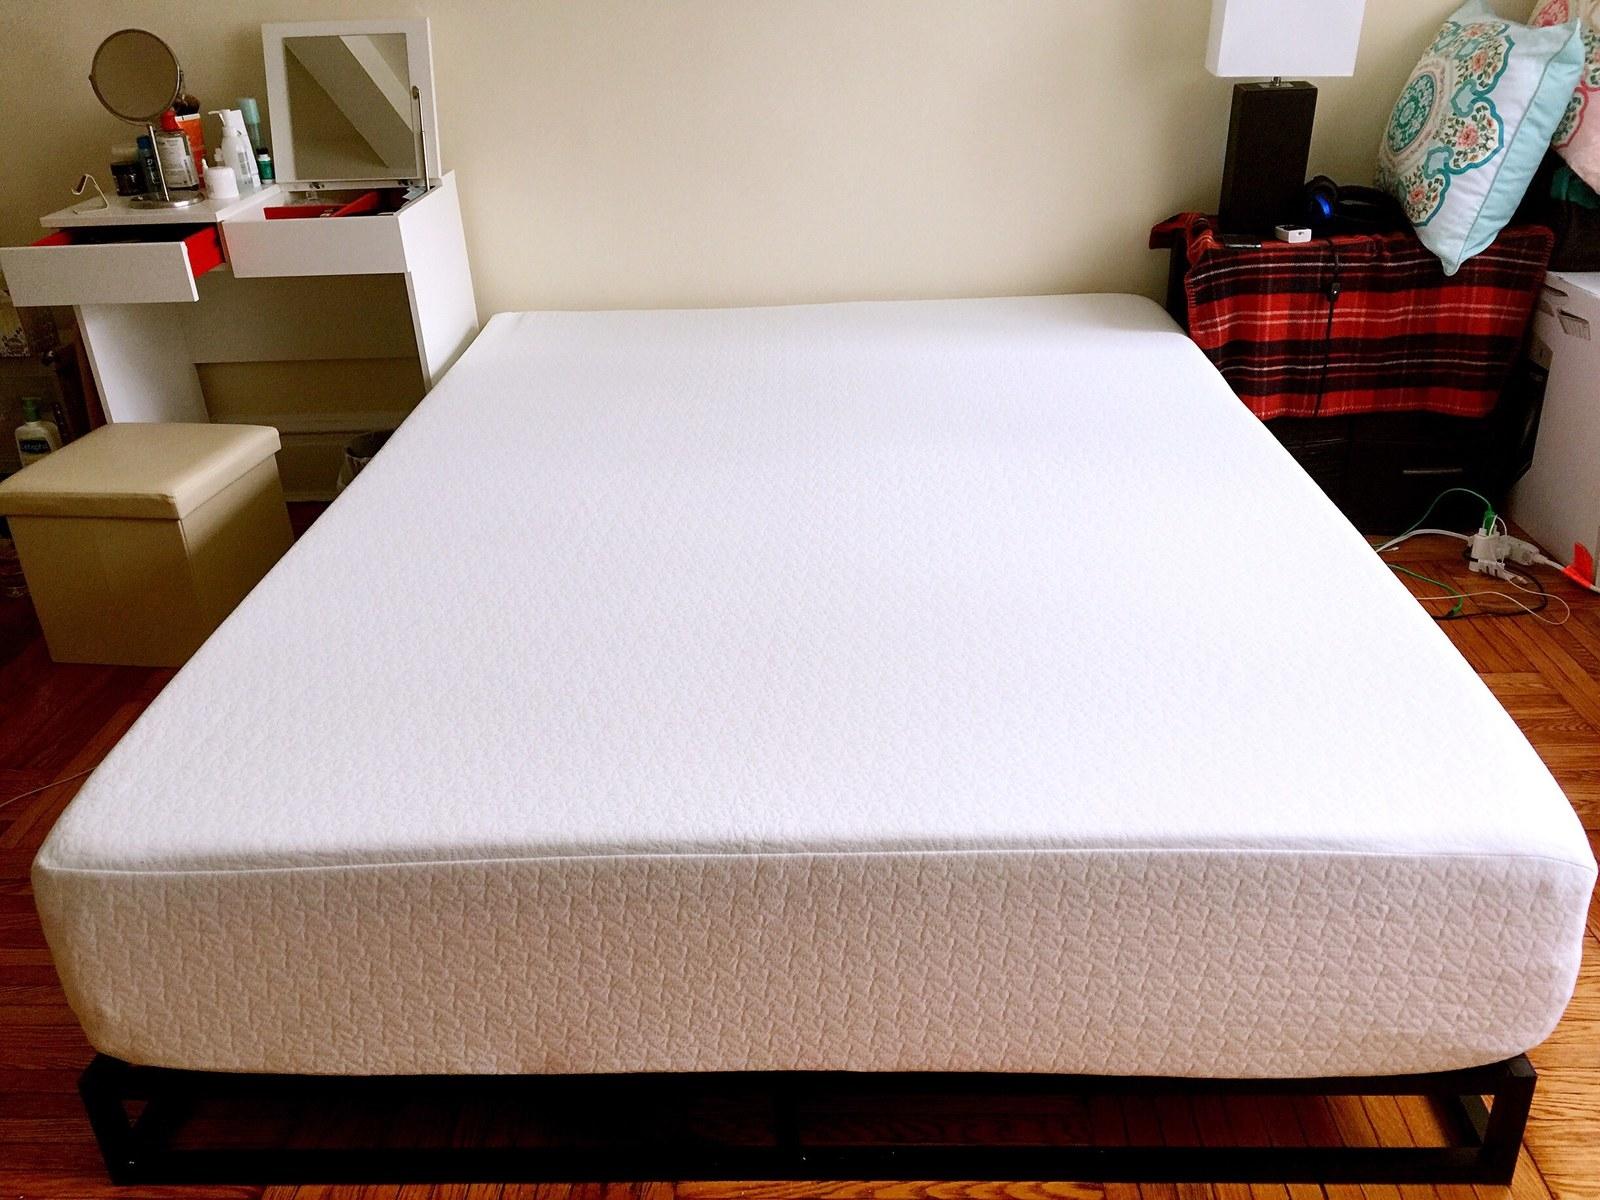 Best memory foam mattress topper 2020 uk